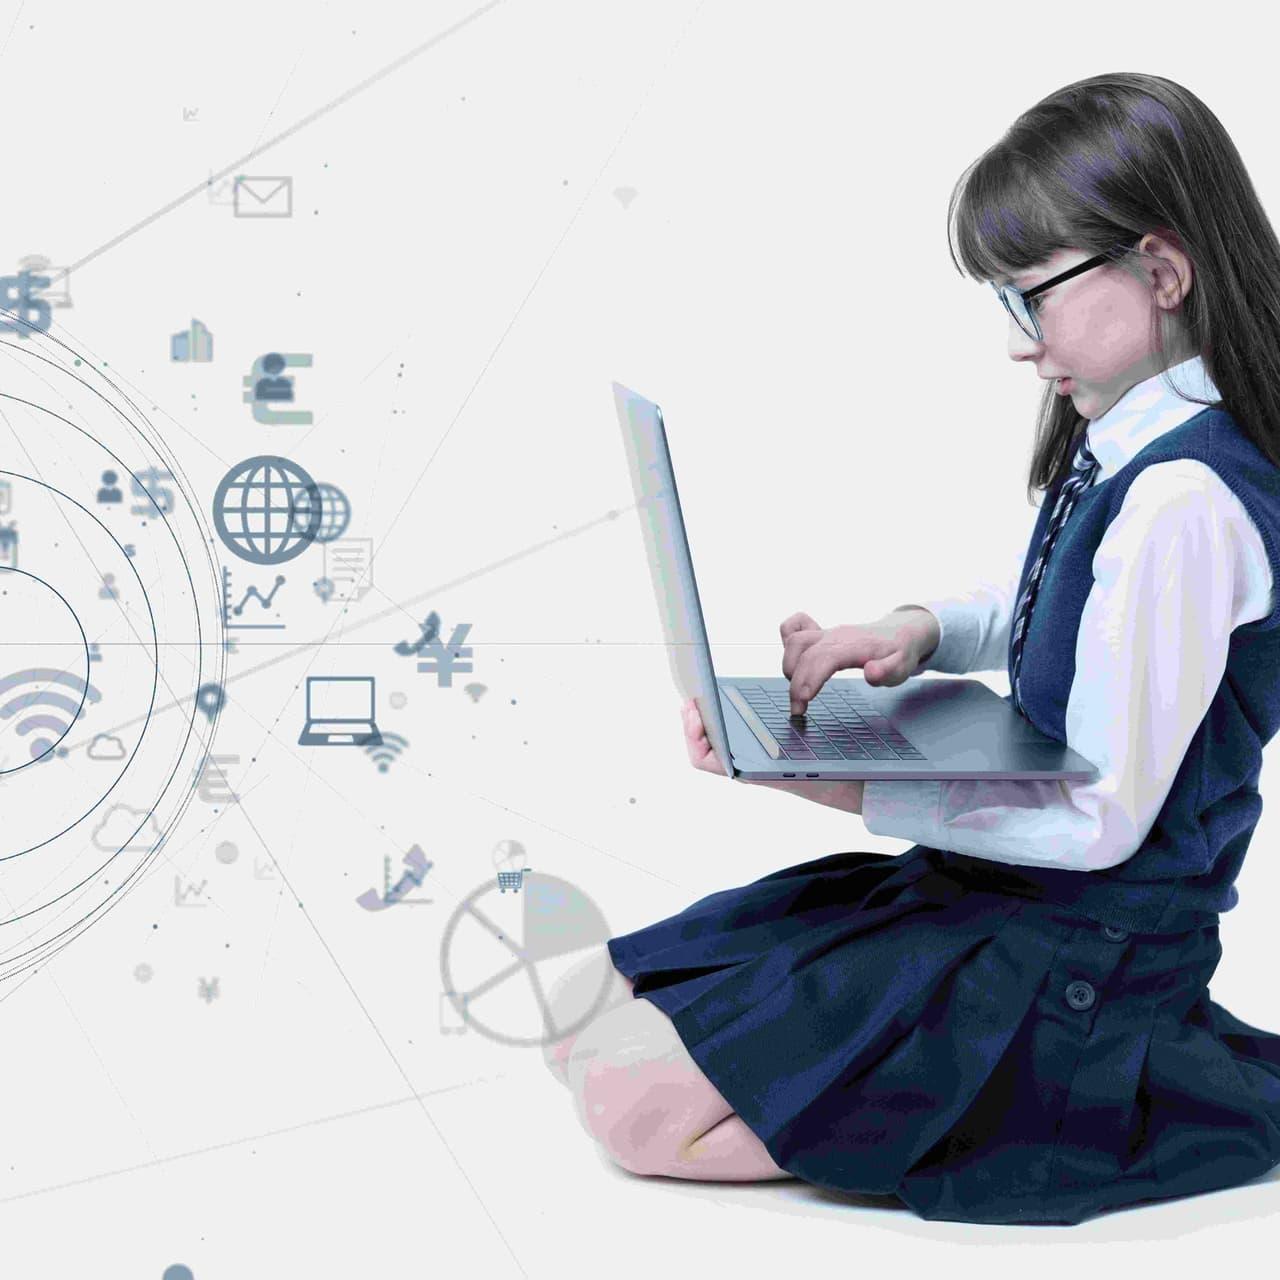 【令和の教育様式】技術だけの「Society5.0」は教員と教育に何をもたらすのか